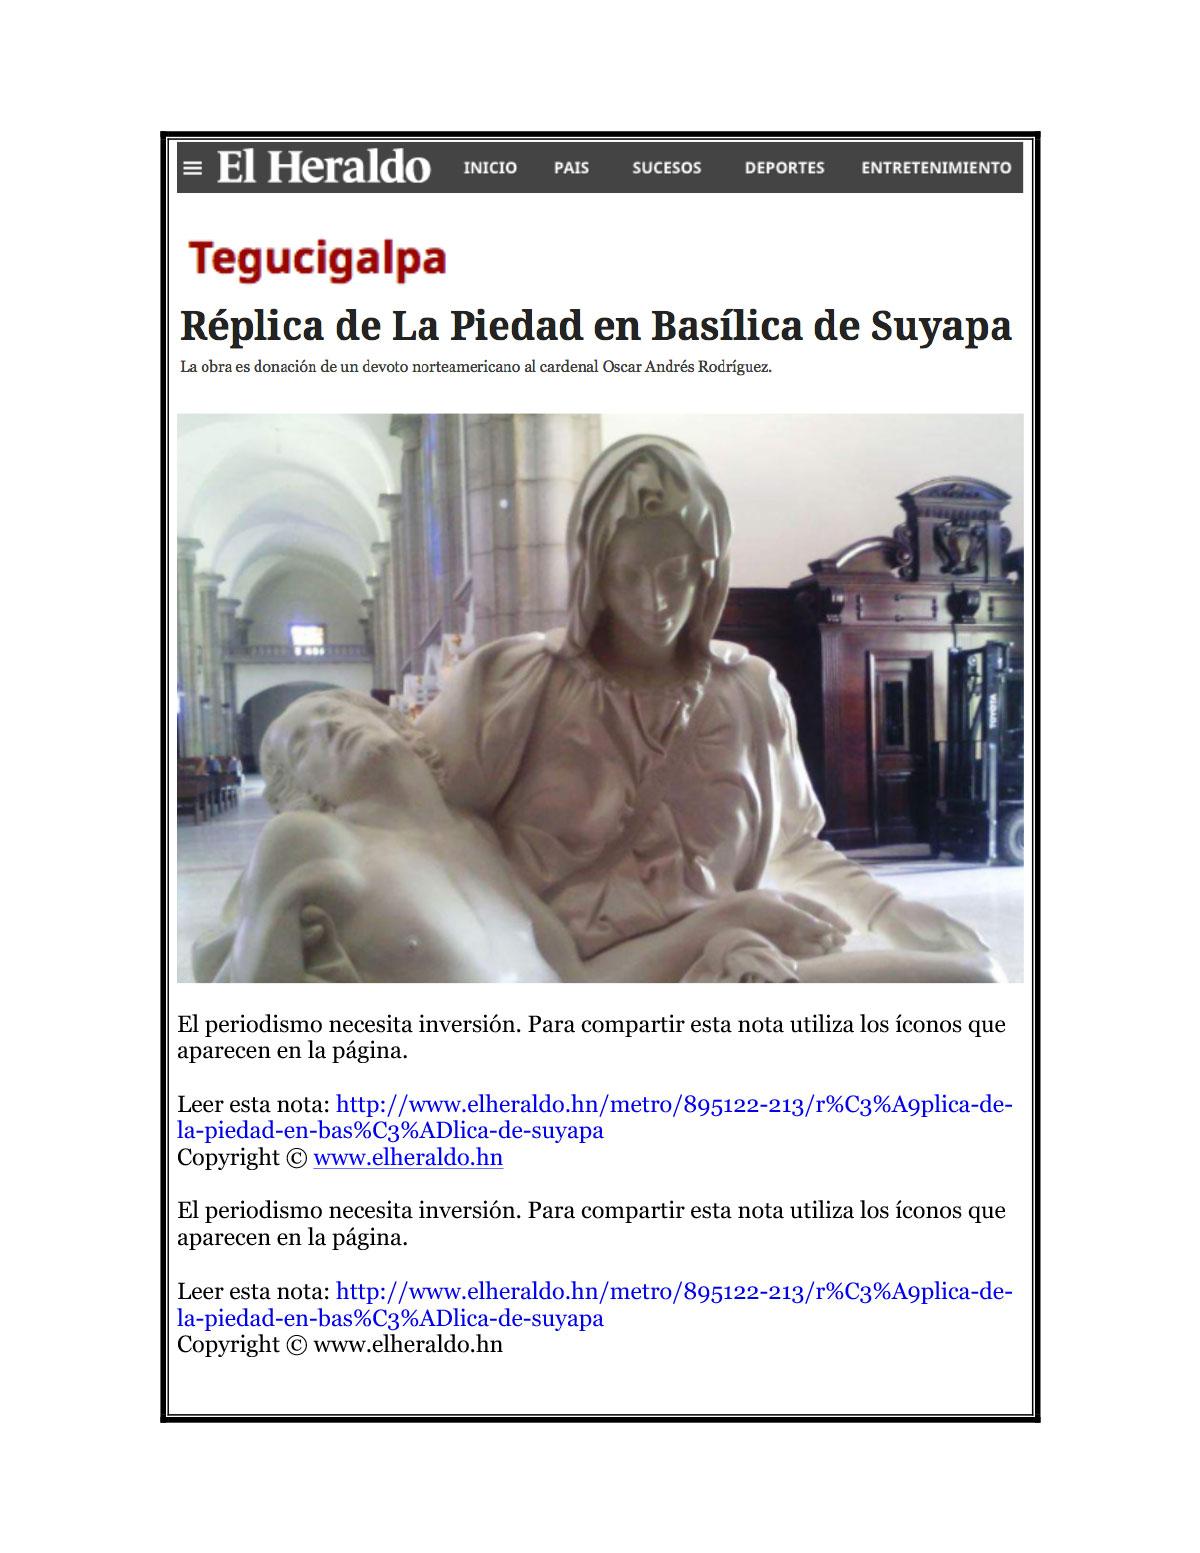 EL Heraldo, Basilica de Suyapa Oct 2015